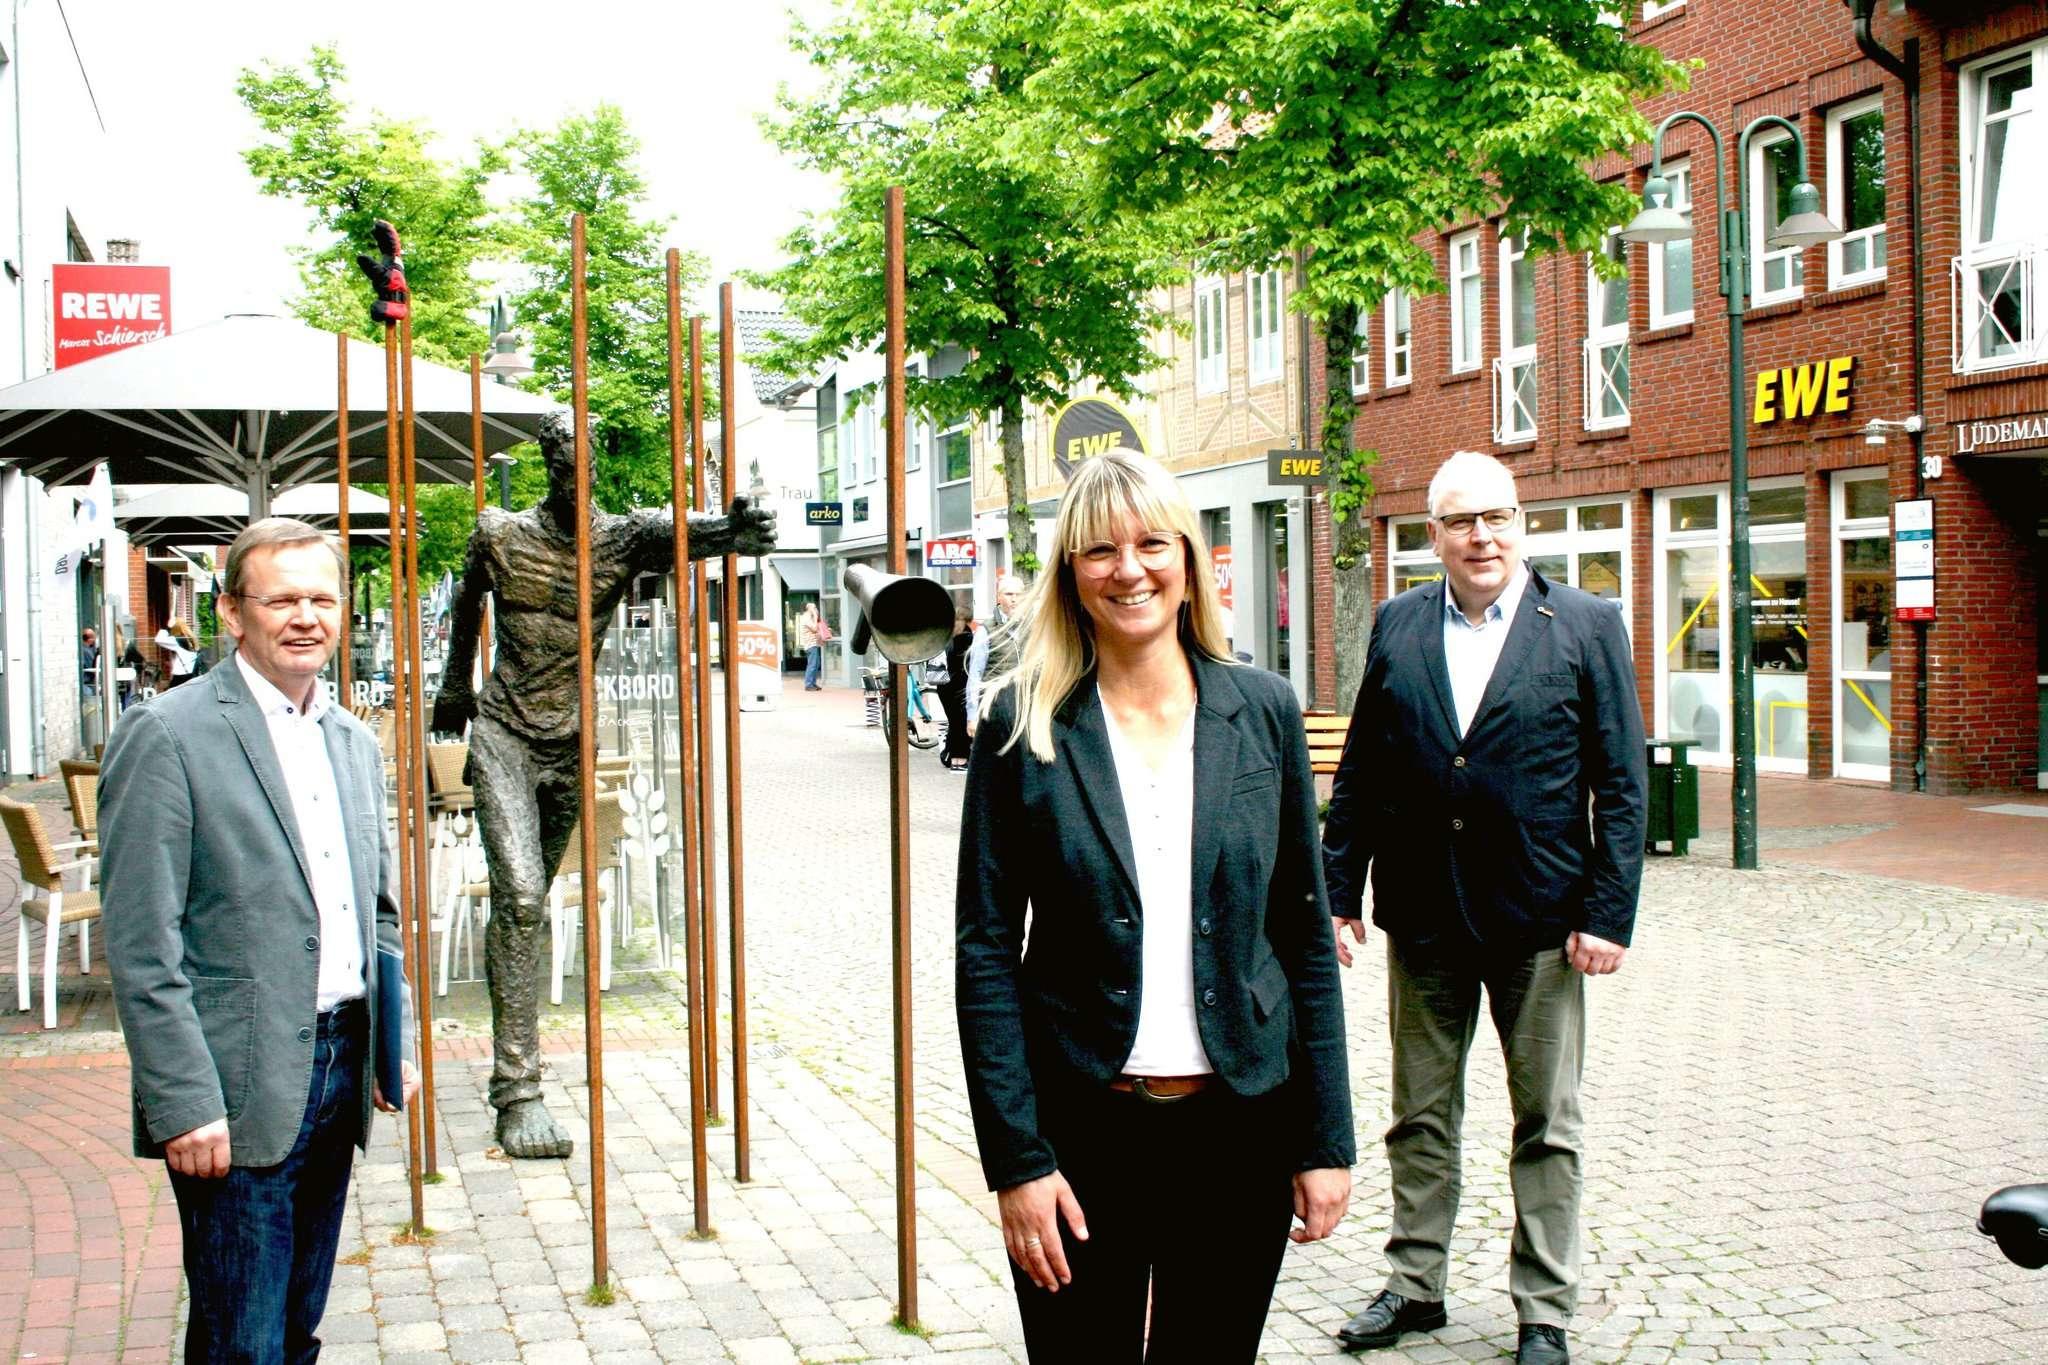 Geht es nach dem Willen des Vorstandes der Scheeßeler CDU, so wird Ulrike Jungemann u2013 hier mit dem Fraktionsvorsitzenden Dirk Lange u2013 die nächste Bürgermeisterin des Beekeortes. Foto: Jens Lou00ebs